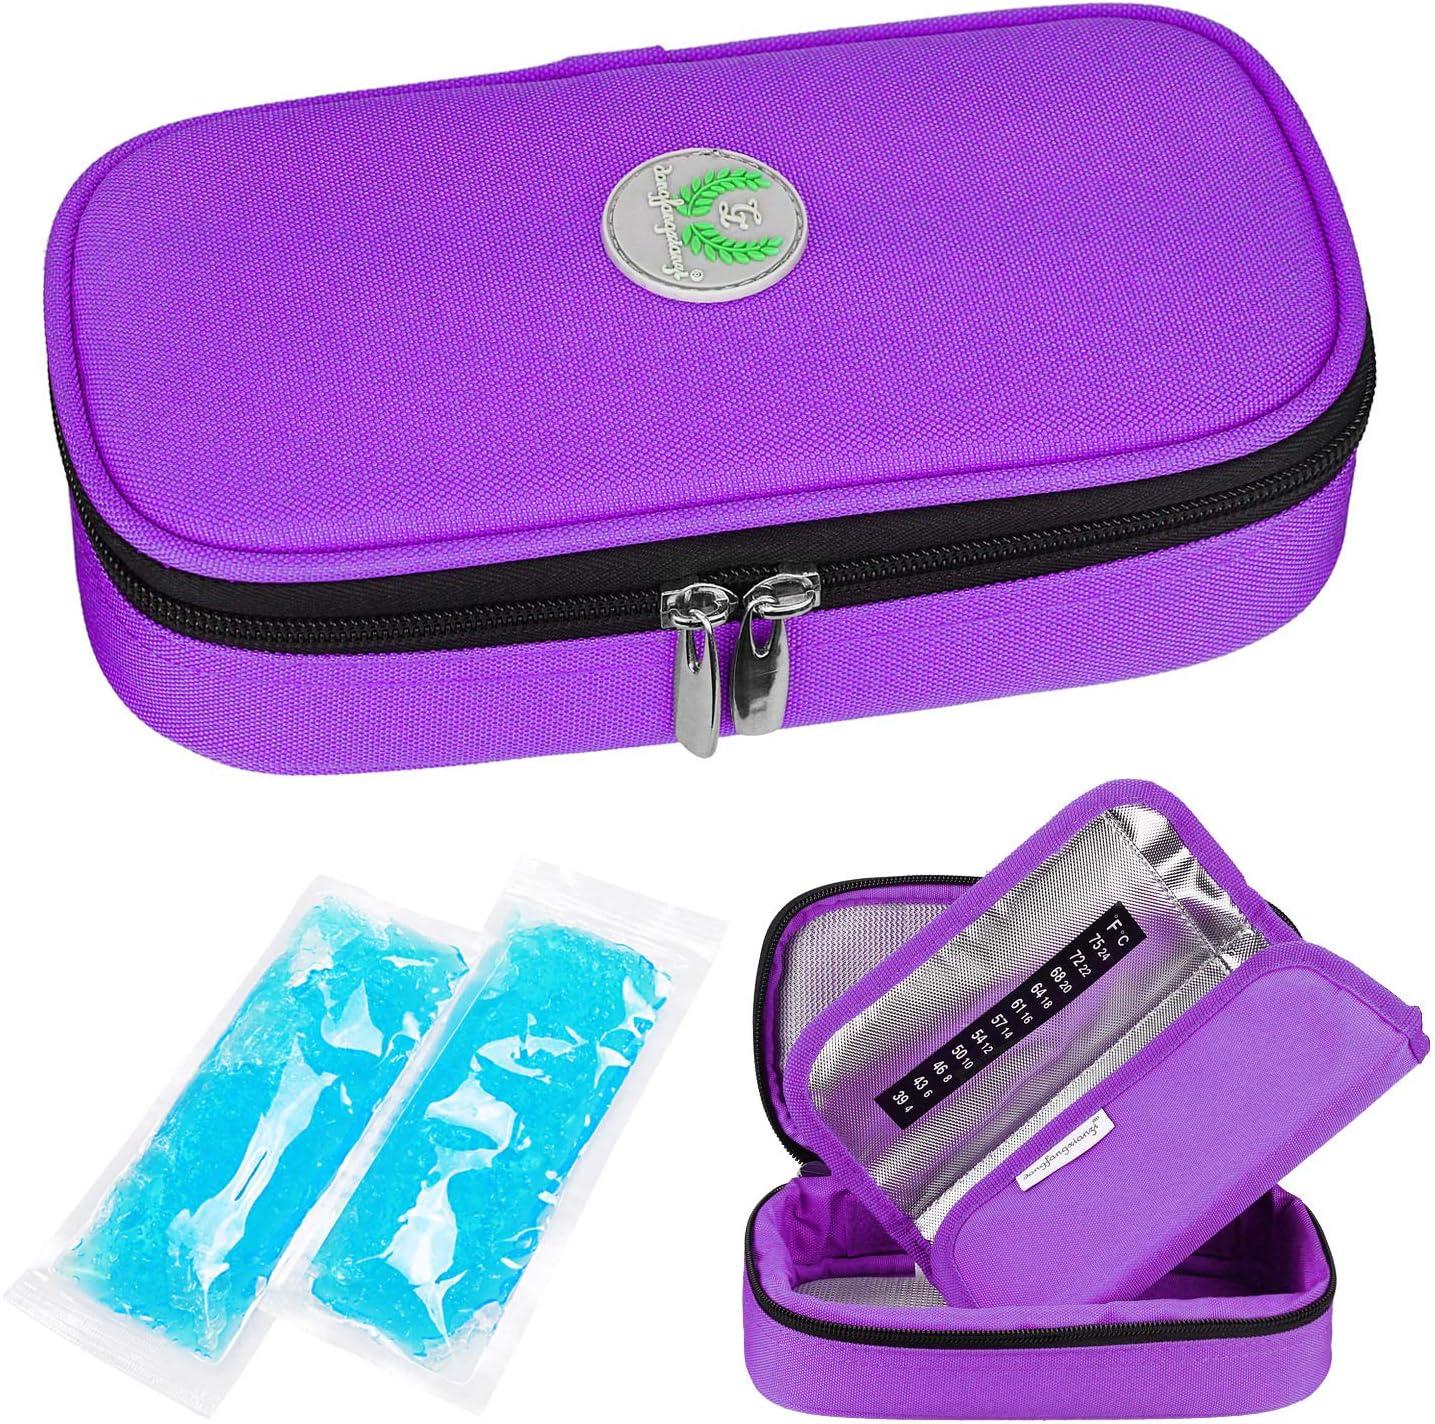 Insulina Nevera Viaje Caso - Medicación Diabéticos Aislado Organizador Bolsa de Refrigeración Portátil para la Pluma de Insulina y Suministros con 2 Hieleras Paquete de Hielo por YOUSHARES